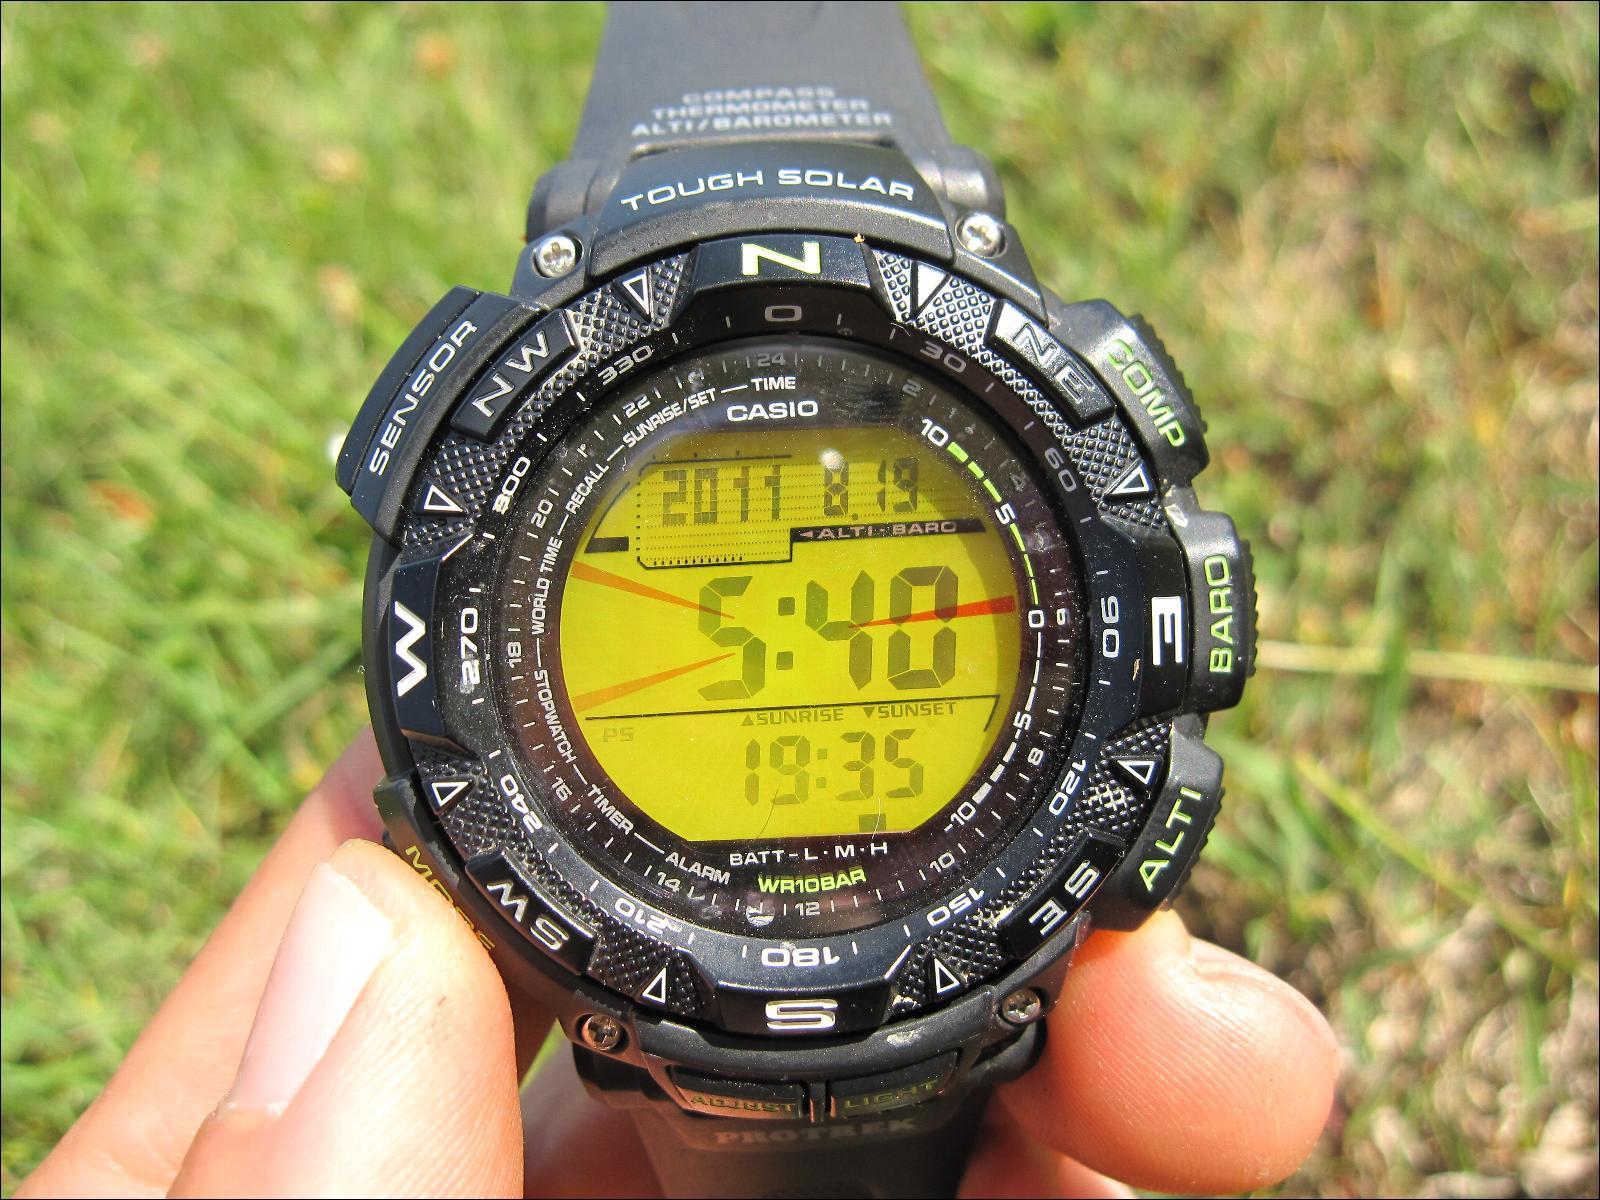 Montre altim tre casio prg 240 1ber - Heure de lever et de coucher du soleil ...